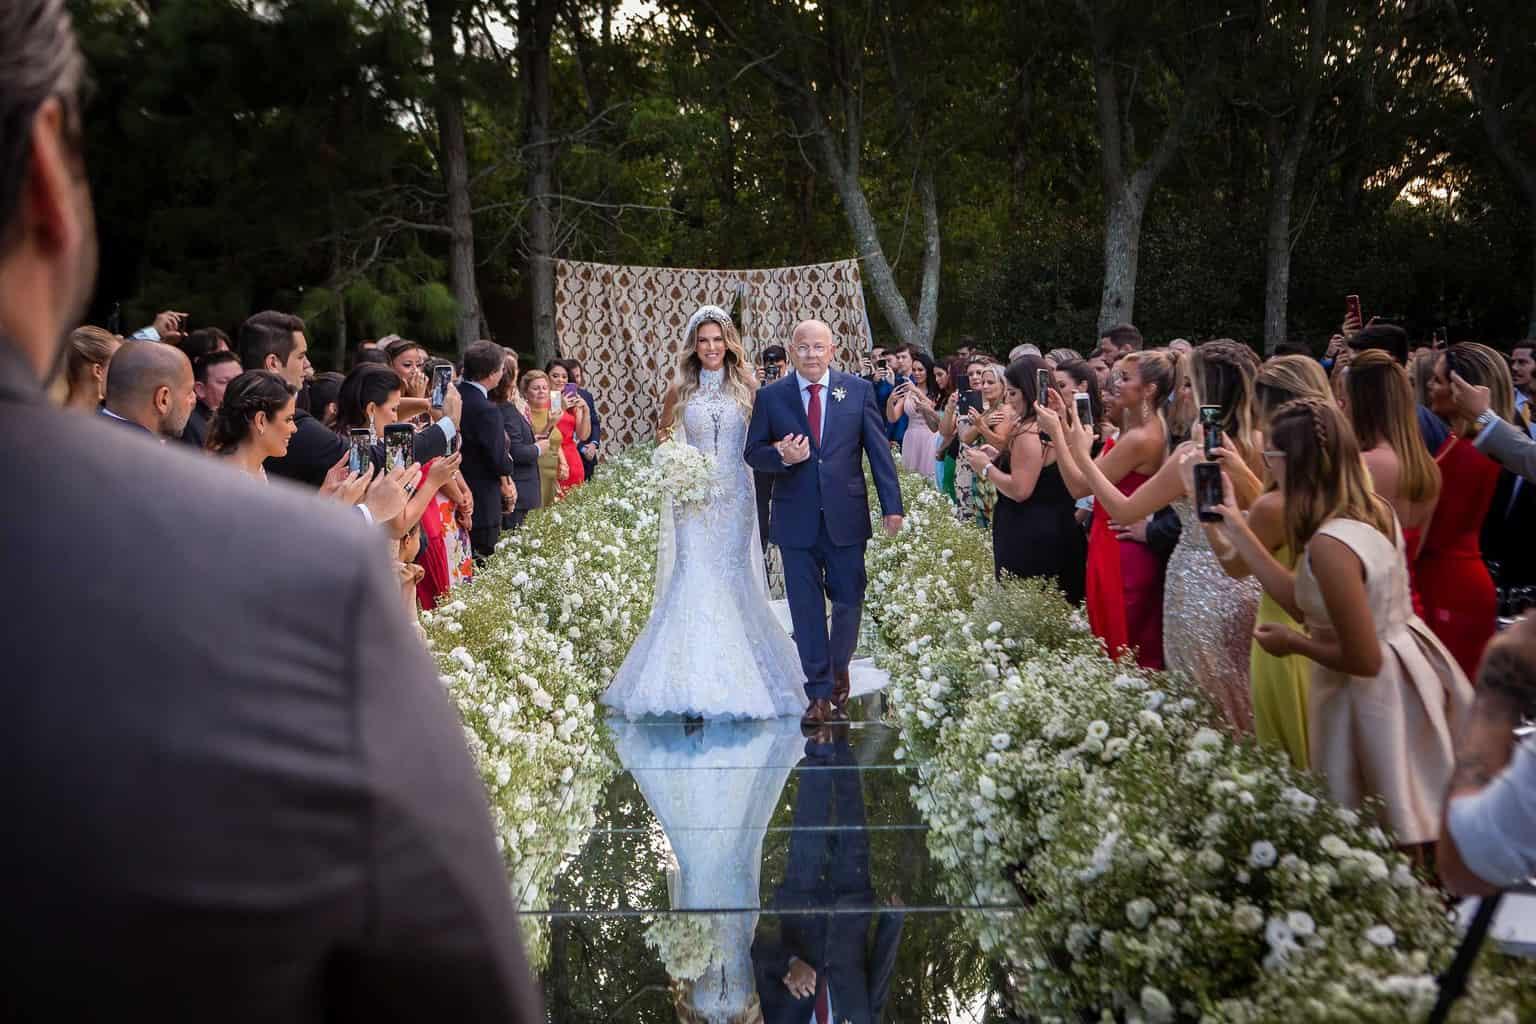 casamento-Marcela-e-Luciano-entrada-da-noiva-passarela-de-espelho11